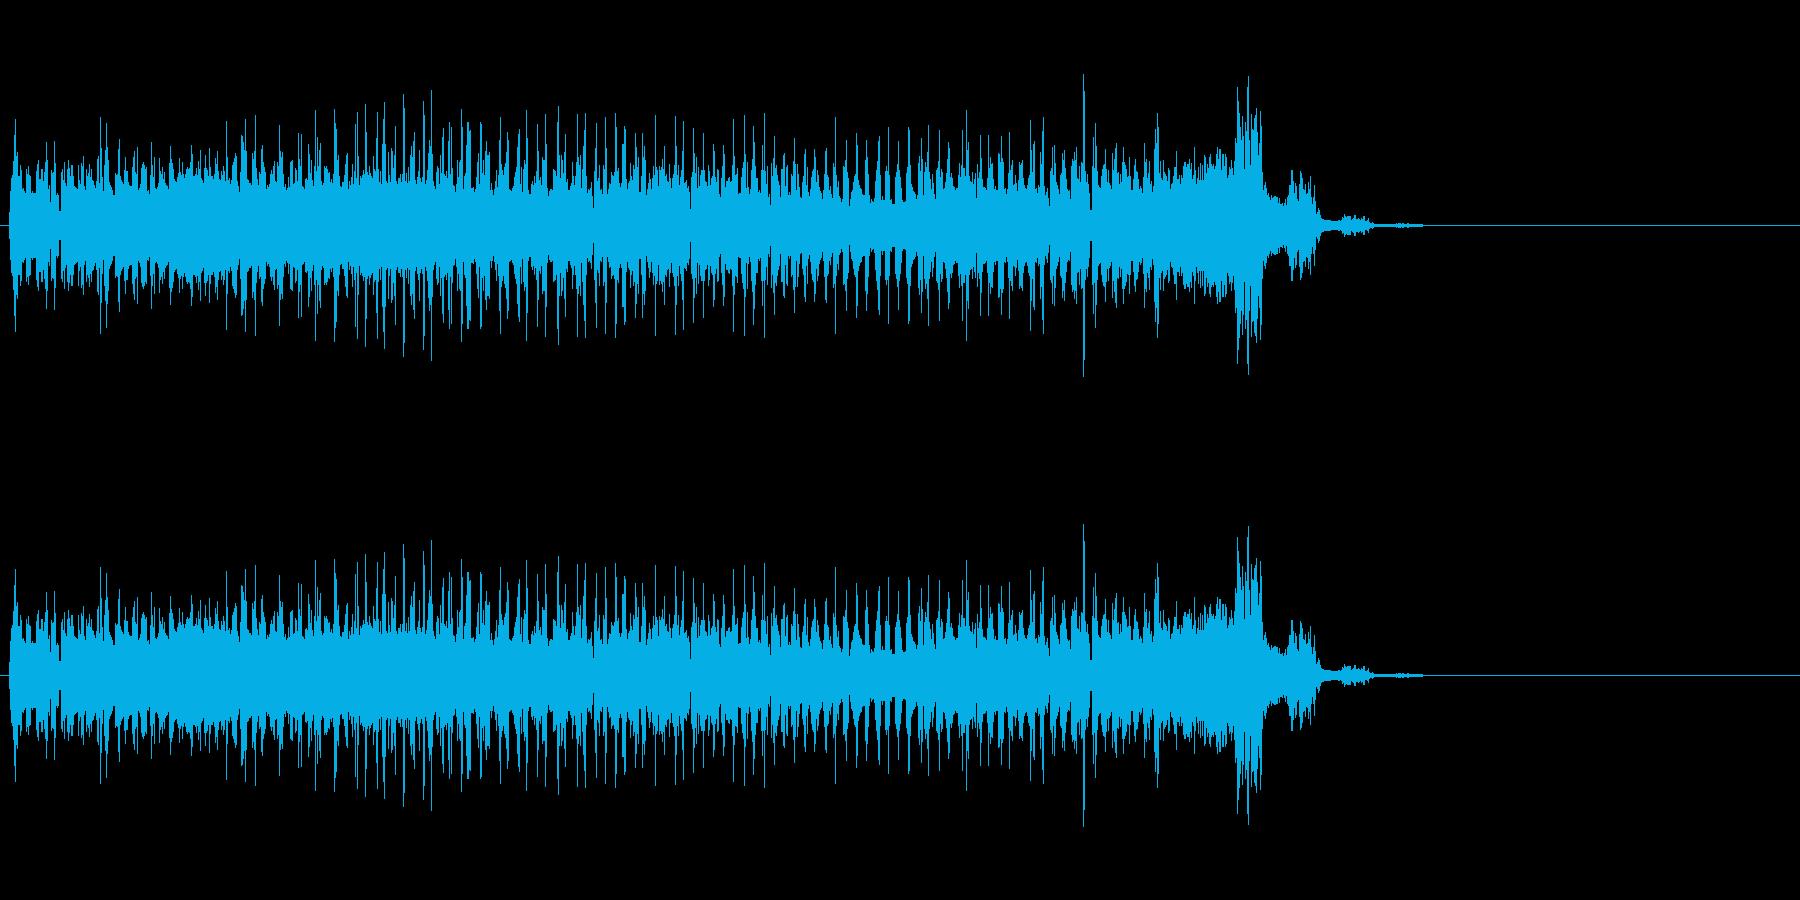 キュゥゥゥゥゥゥンの再生済みの波形